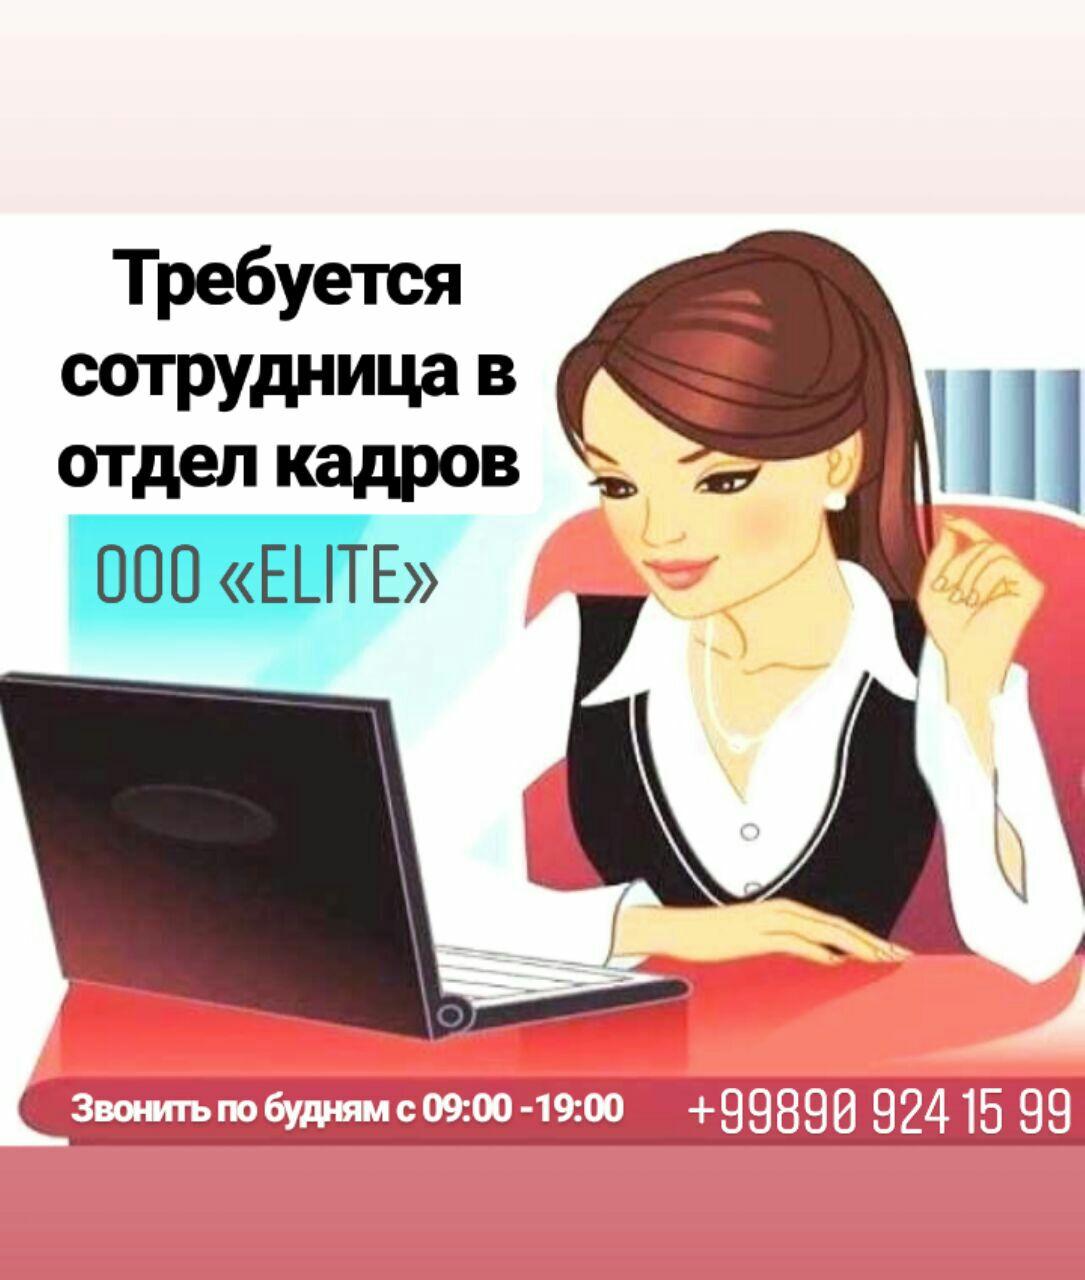 В ташкенте работа для девушек срочно работа для девушки